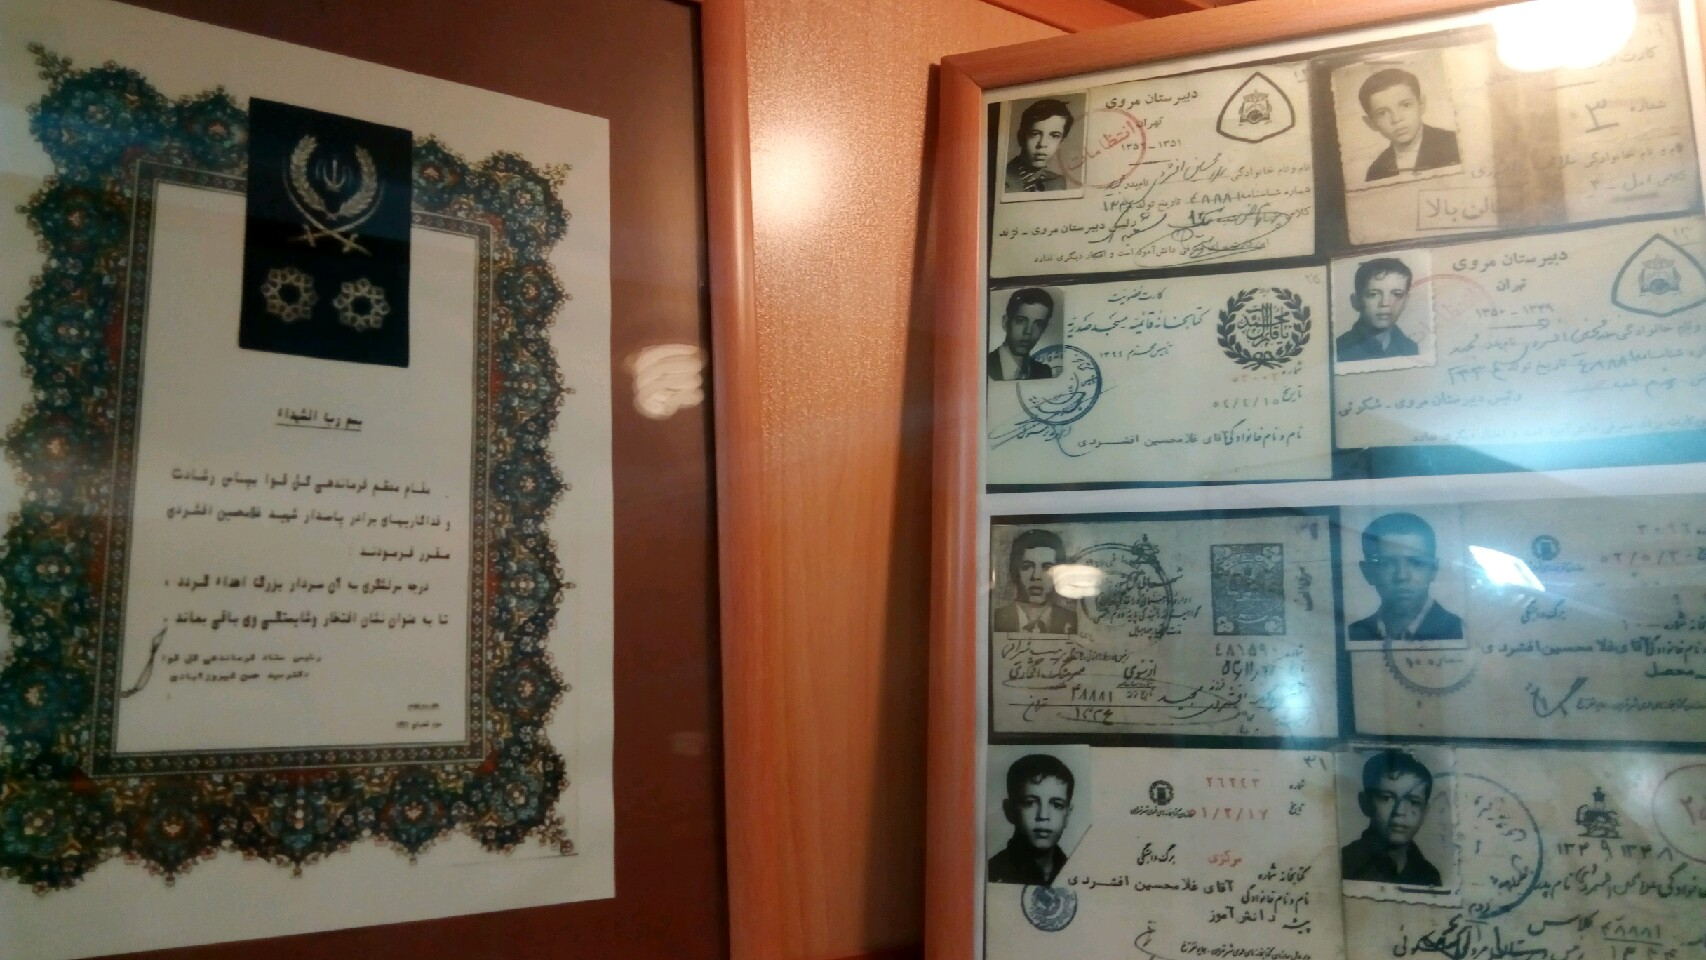 آخرین درجه شهید «غلامحسین افشردی» معروف به حسن باقری+ عکس و سند